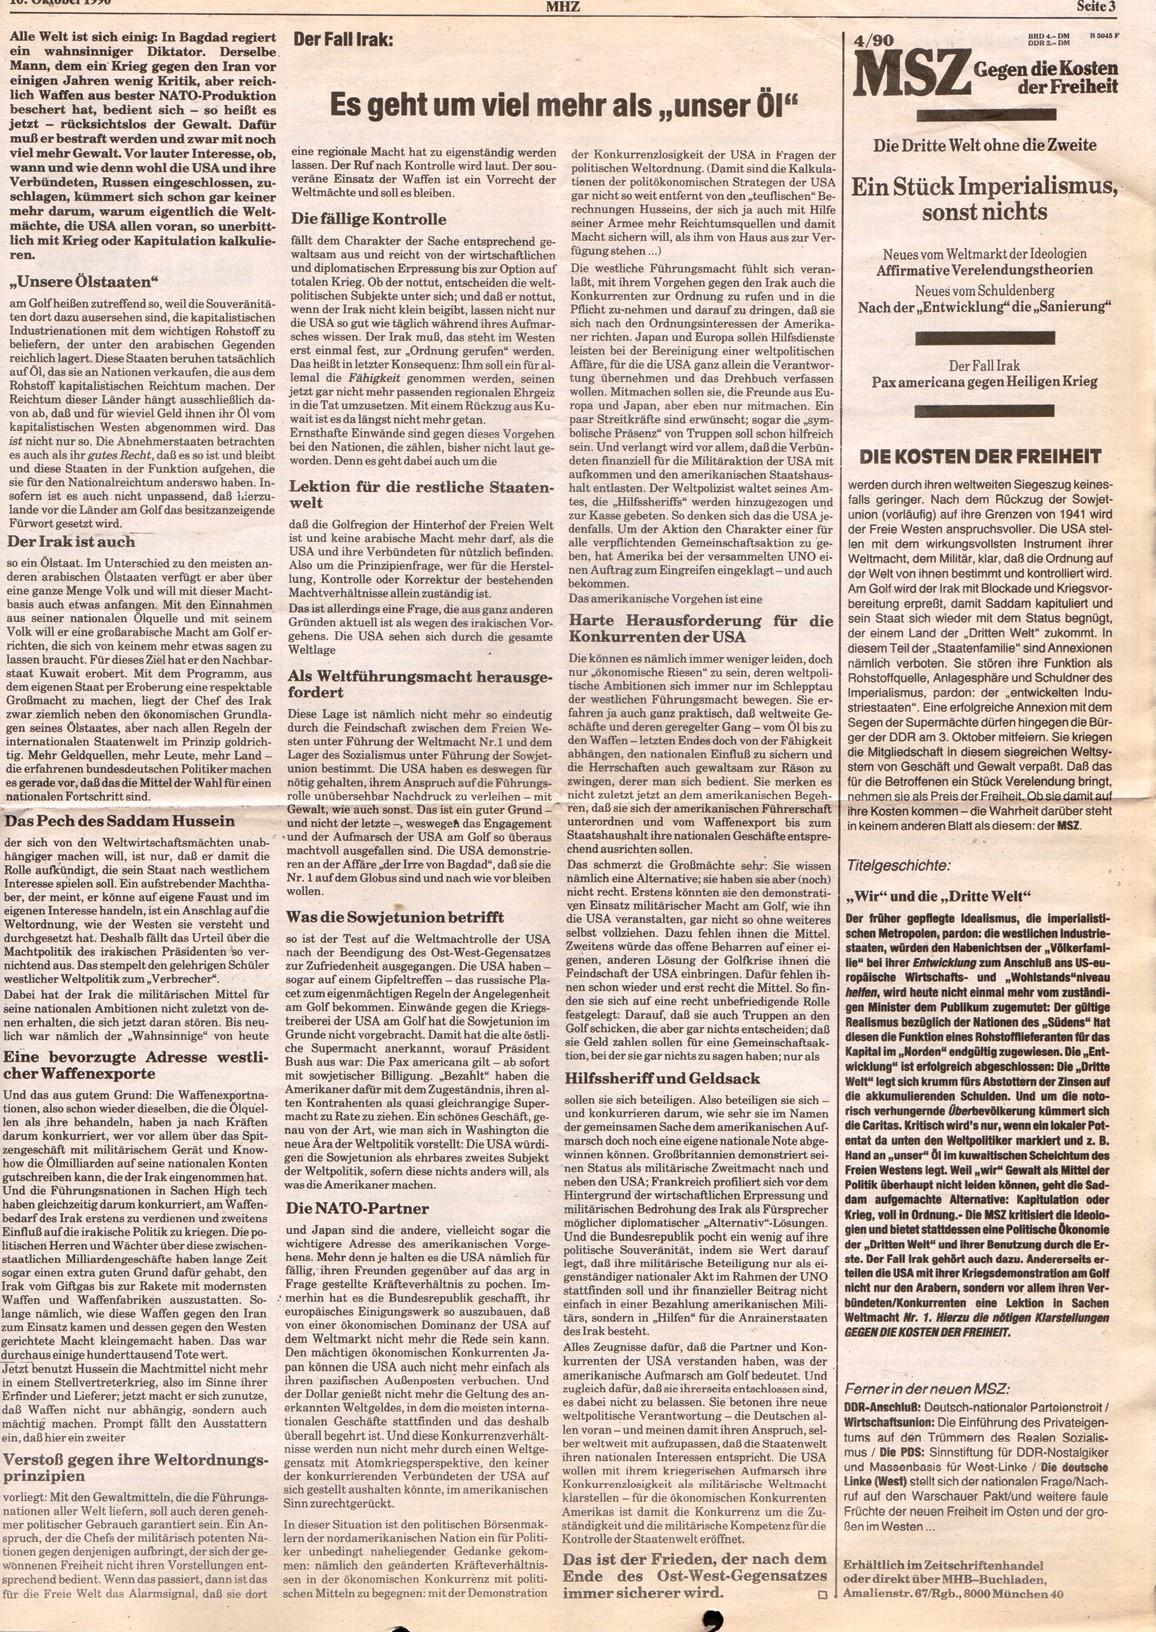 Muenchen_MG_Hochschulzeitung_19901016_03